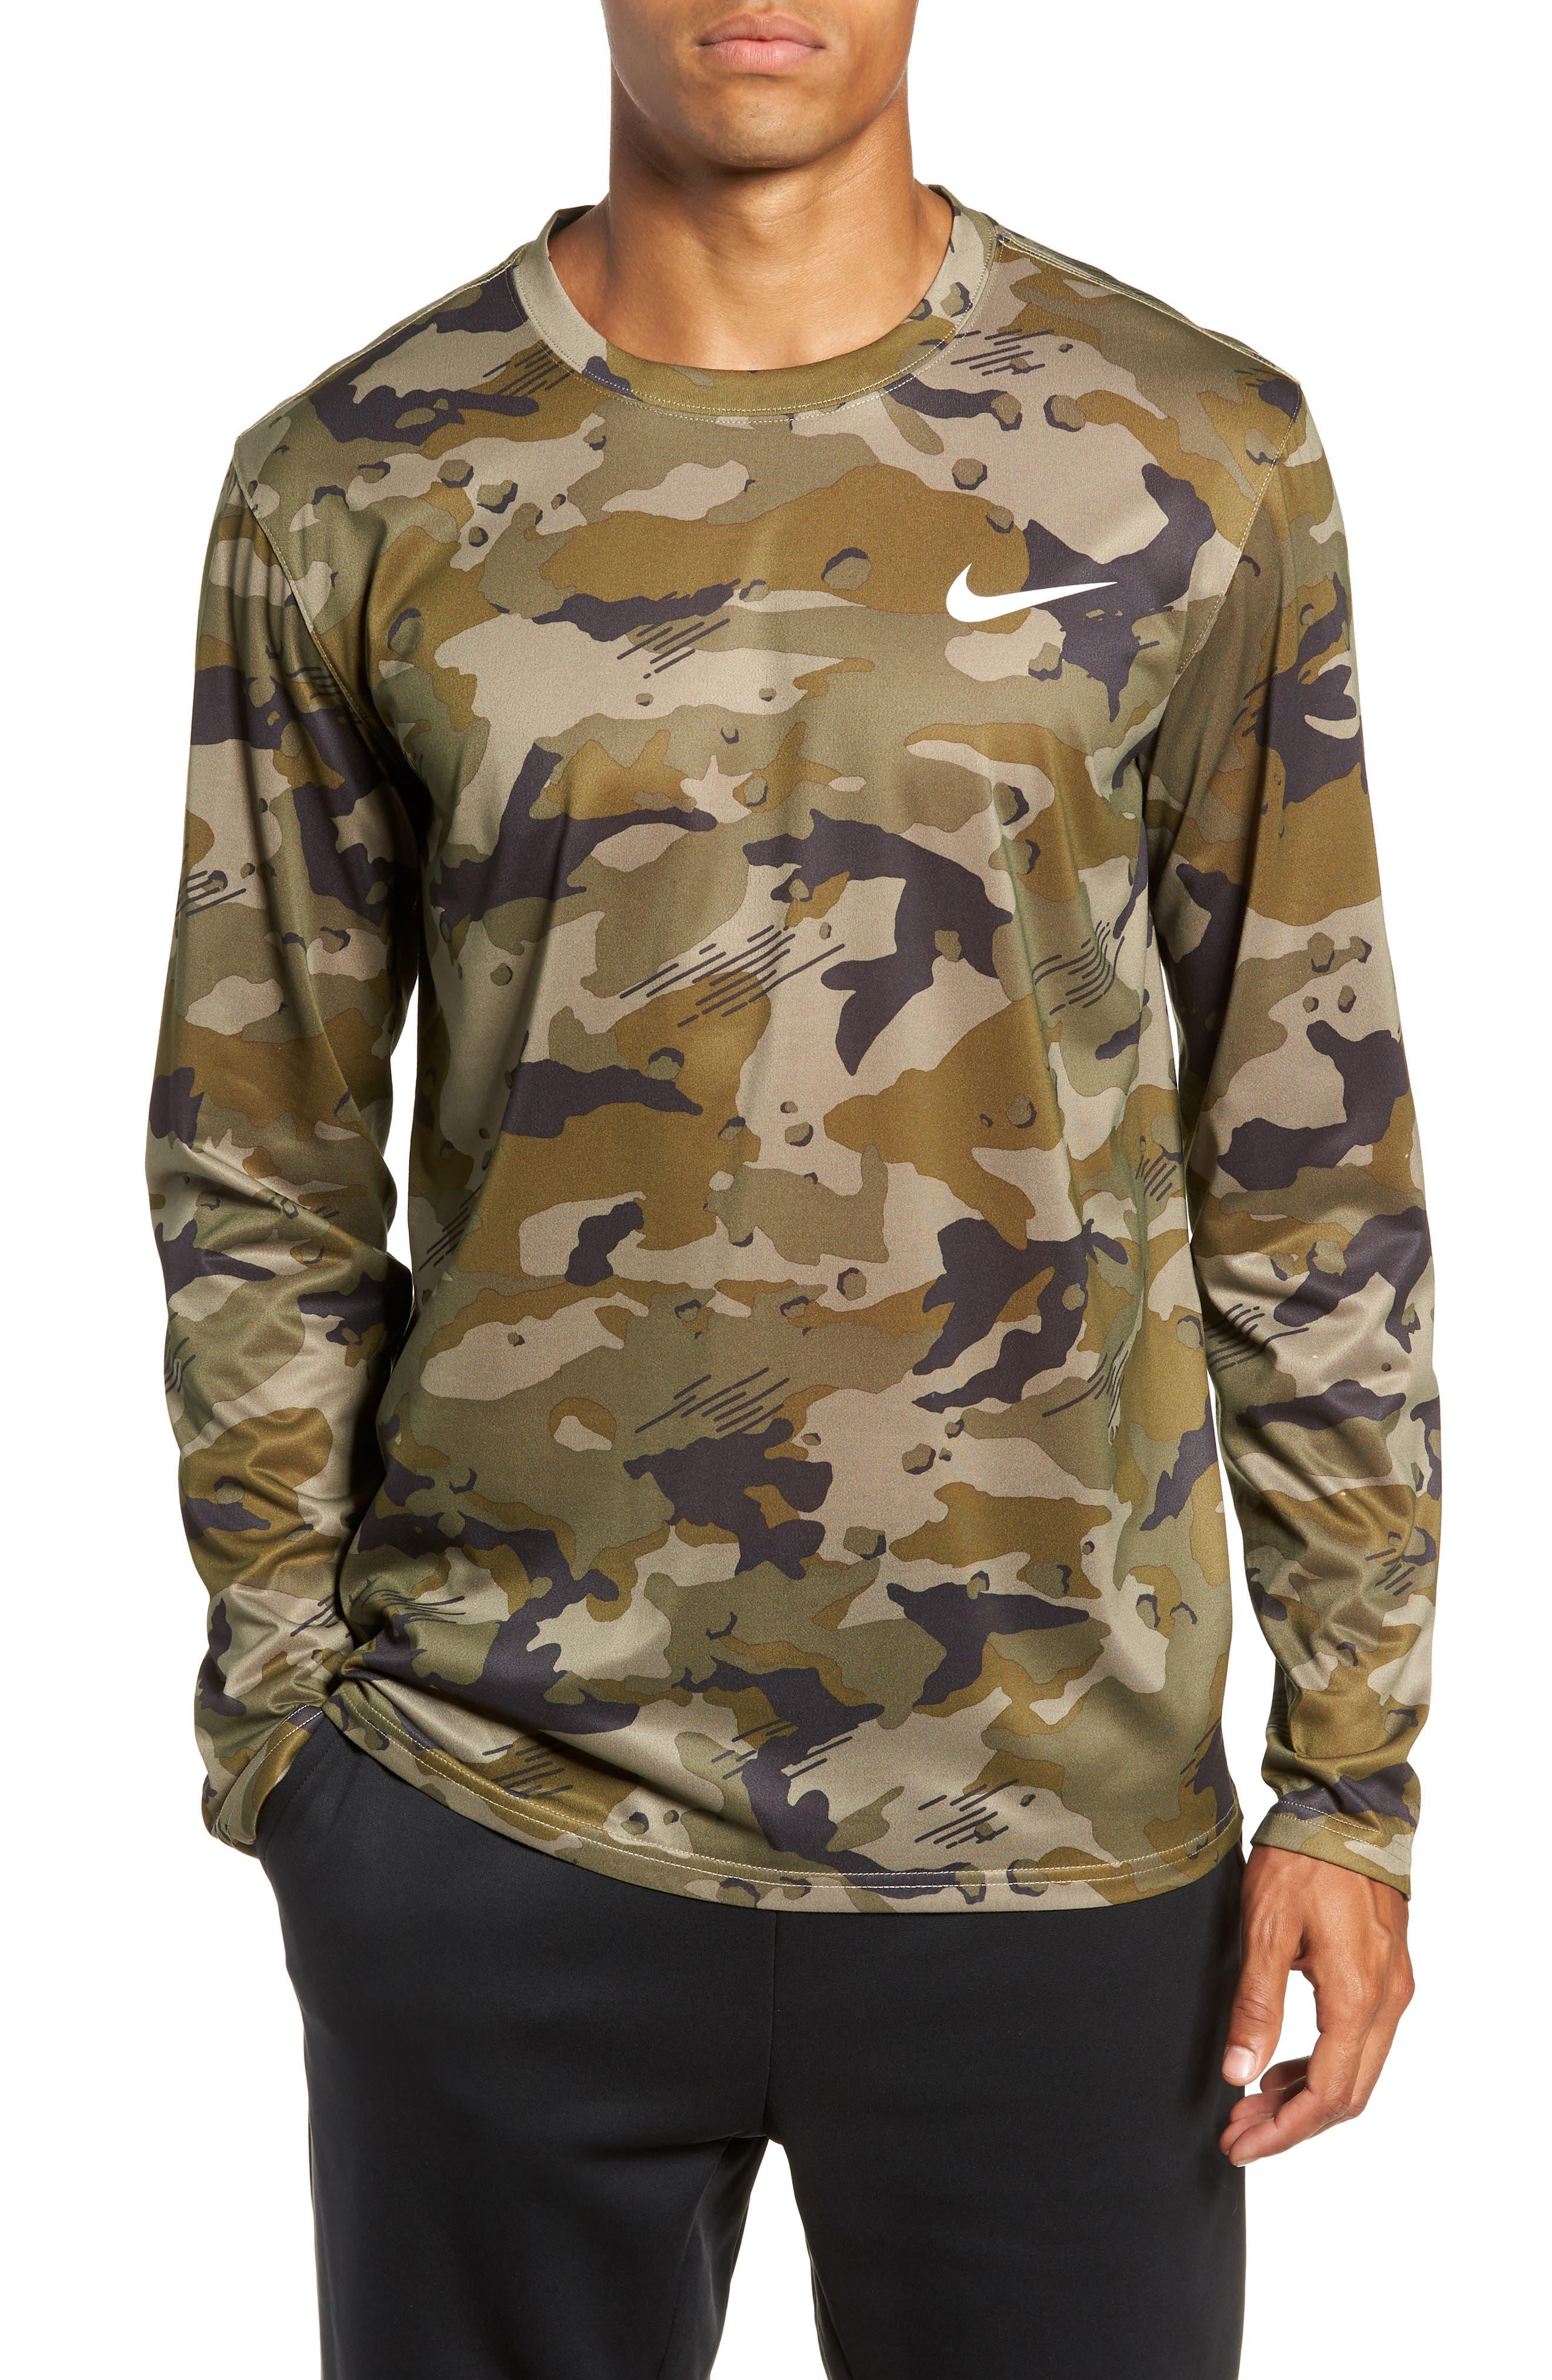 Nike Dry Long Sleeve Camo T-Shirt Green